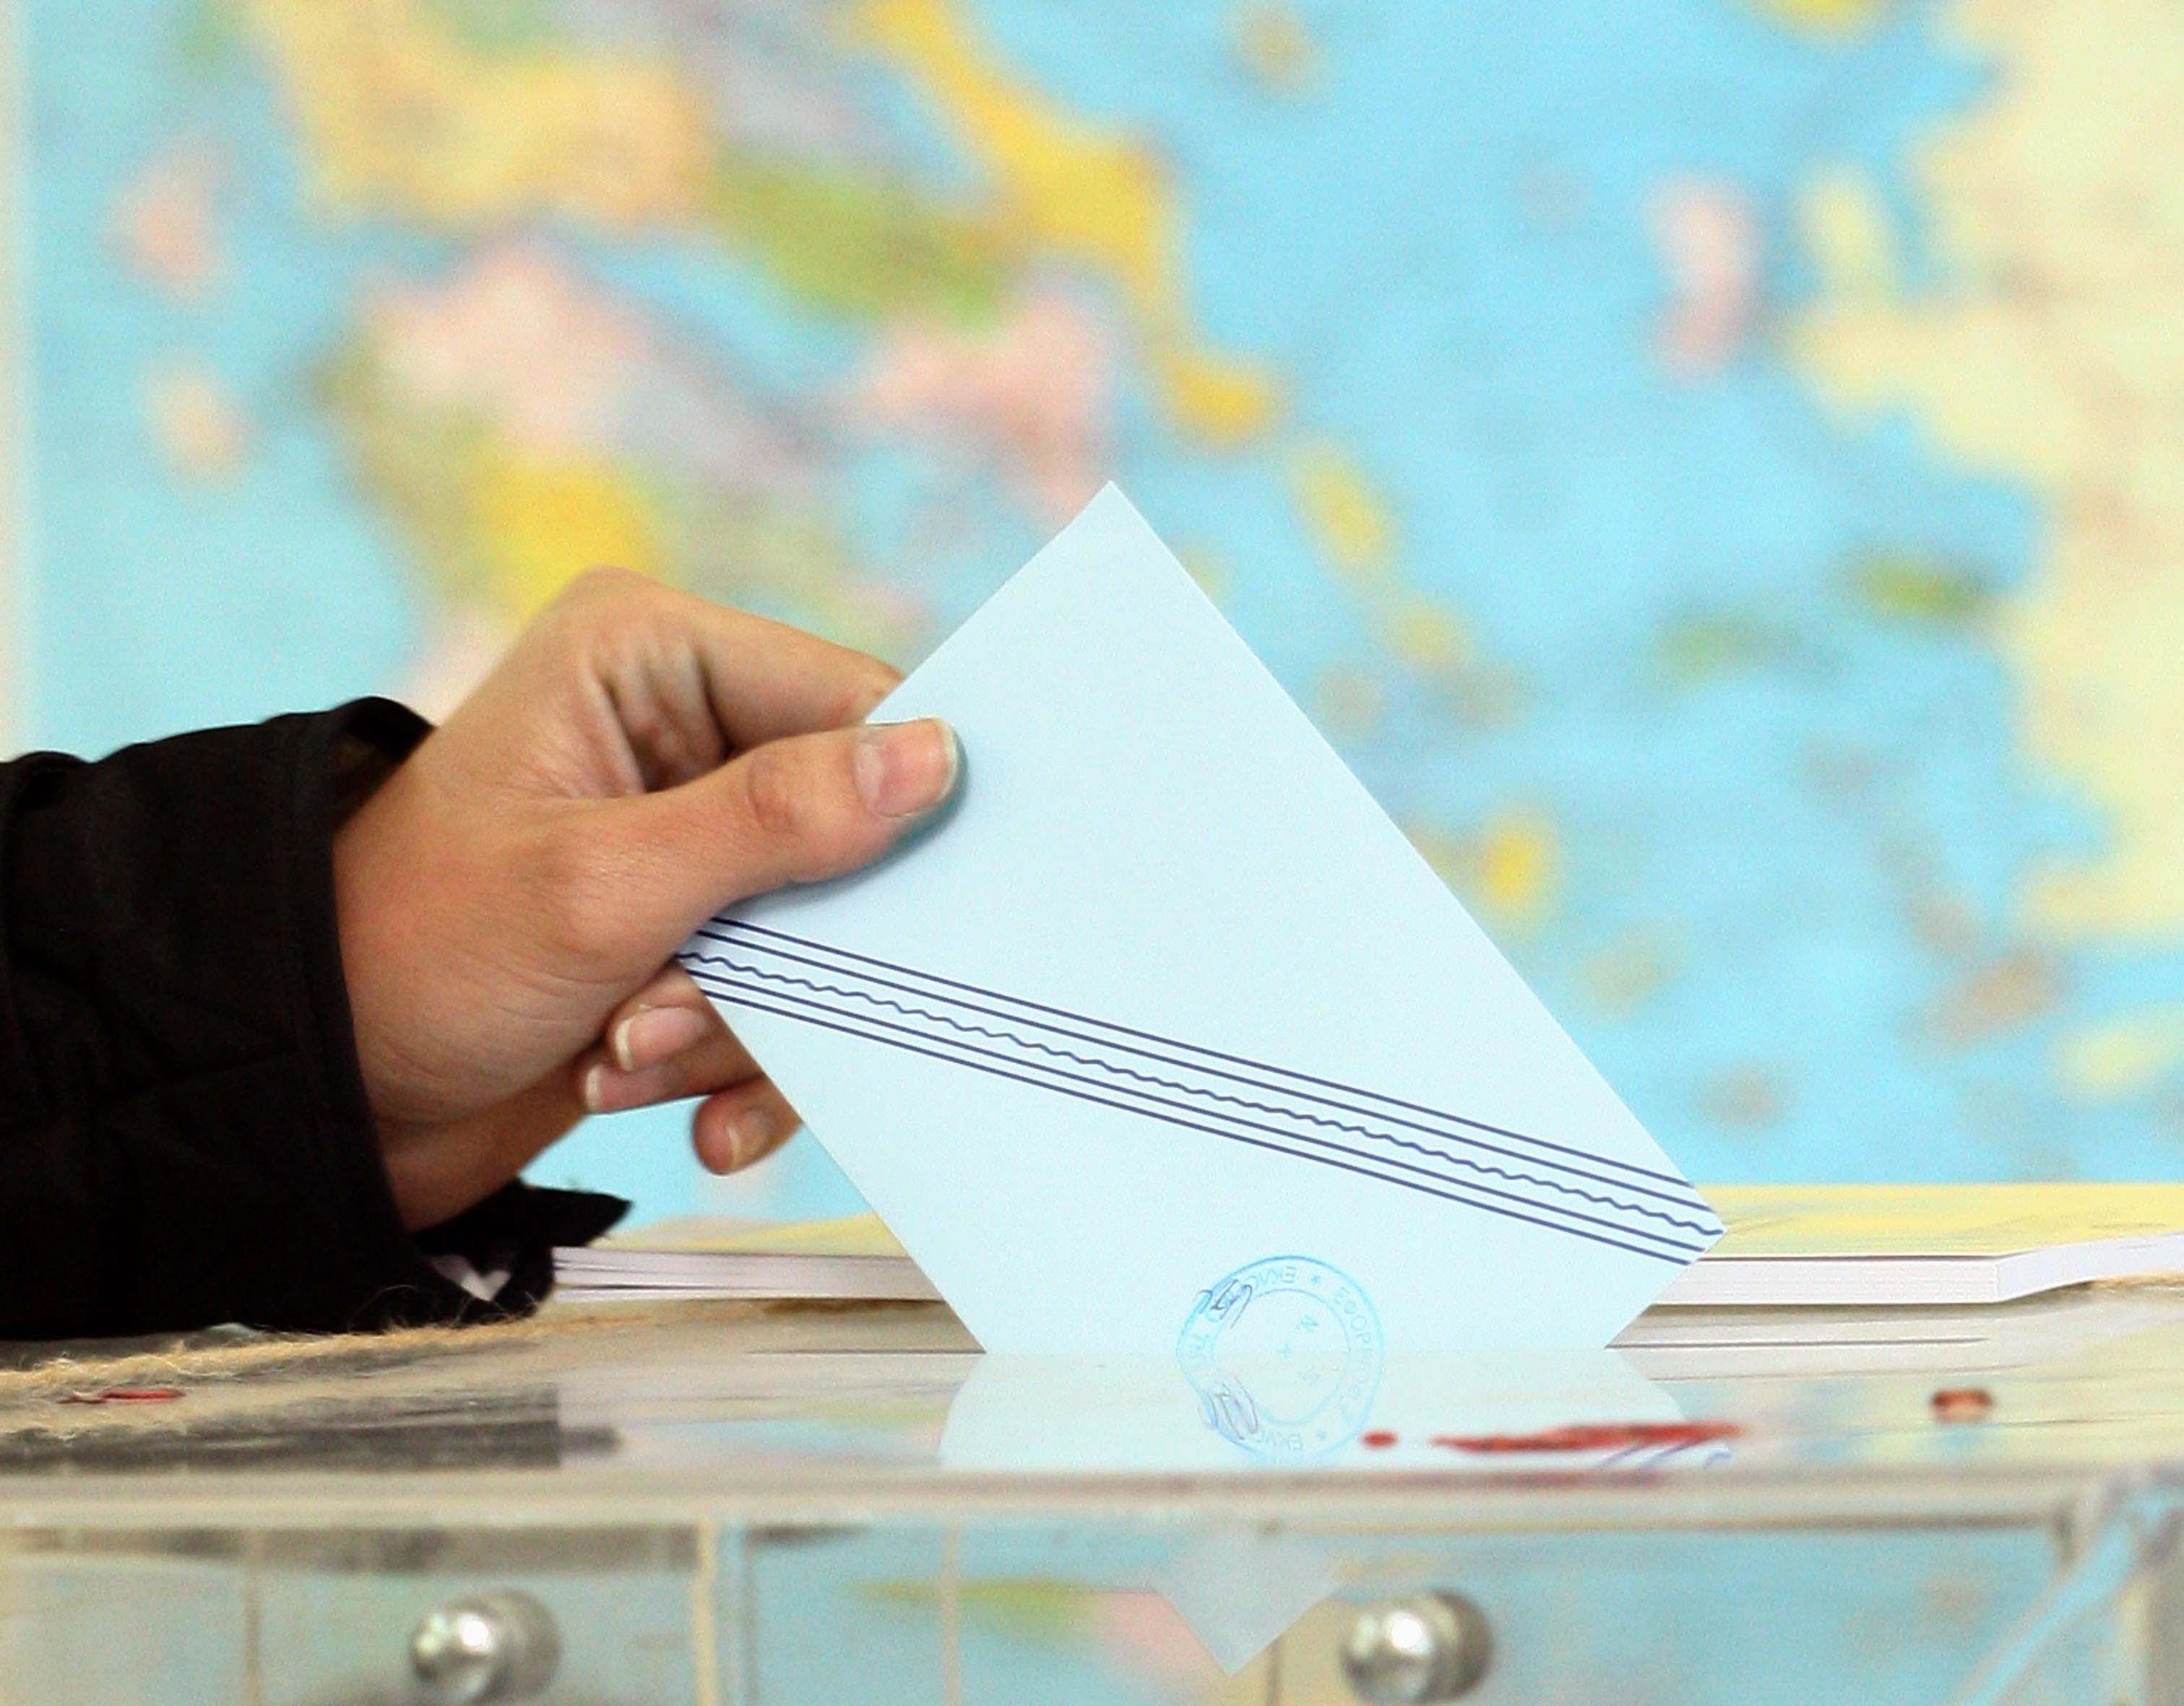 Πρόωρες εκλογές μέσα στο 2017 βλέπει το 63% των Ελλήνων!